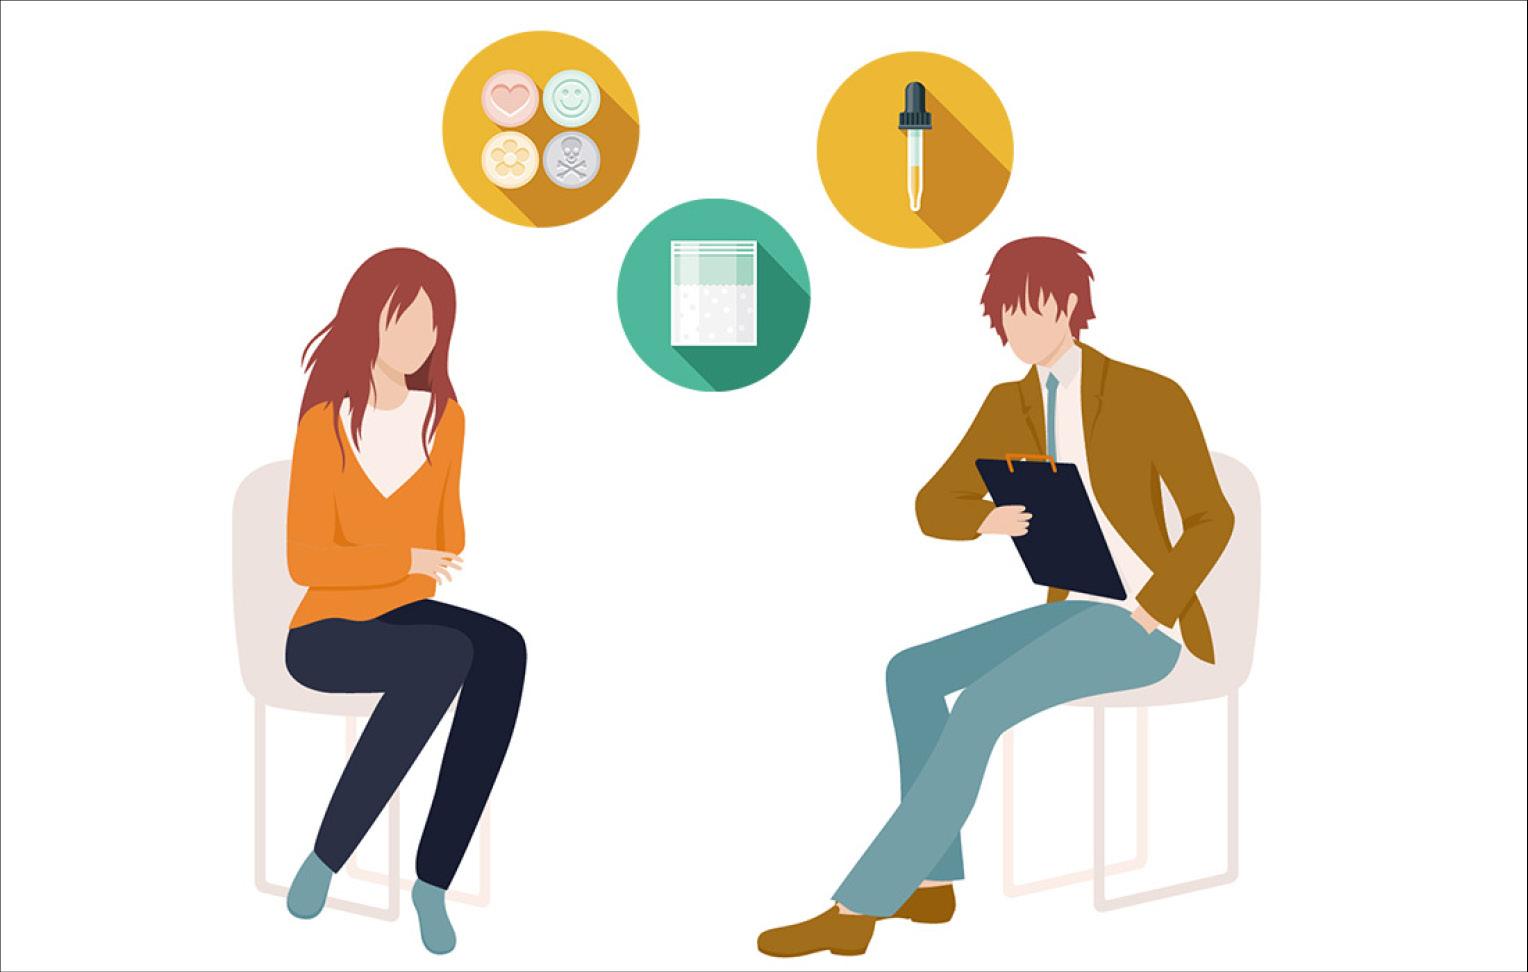 Grafik von einem Berater und einer Patientin, die sich gegenüber sitzen und über Drug-Checking sprechen